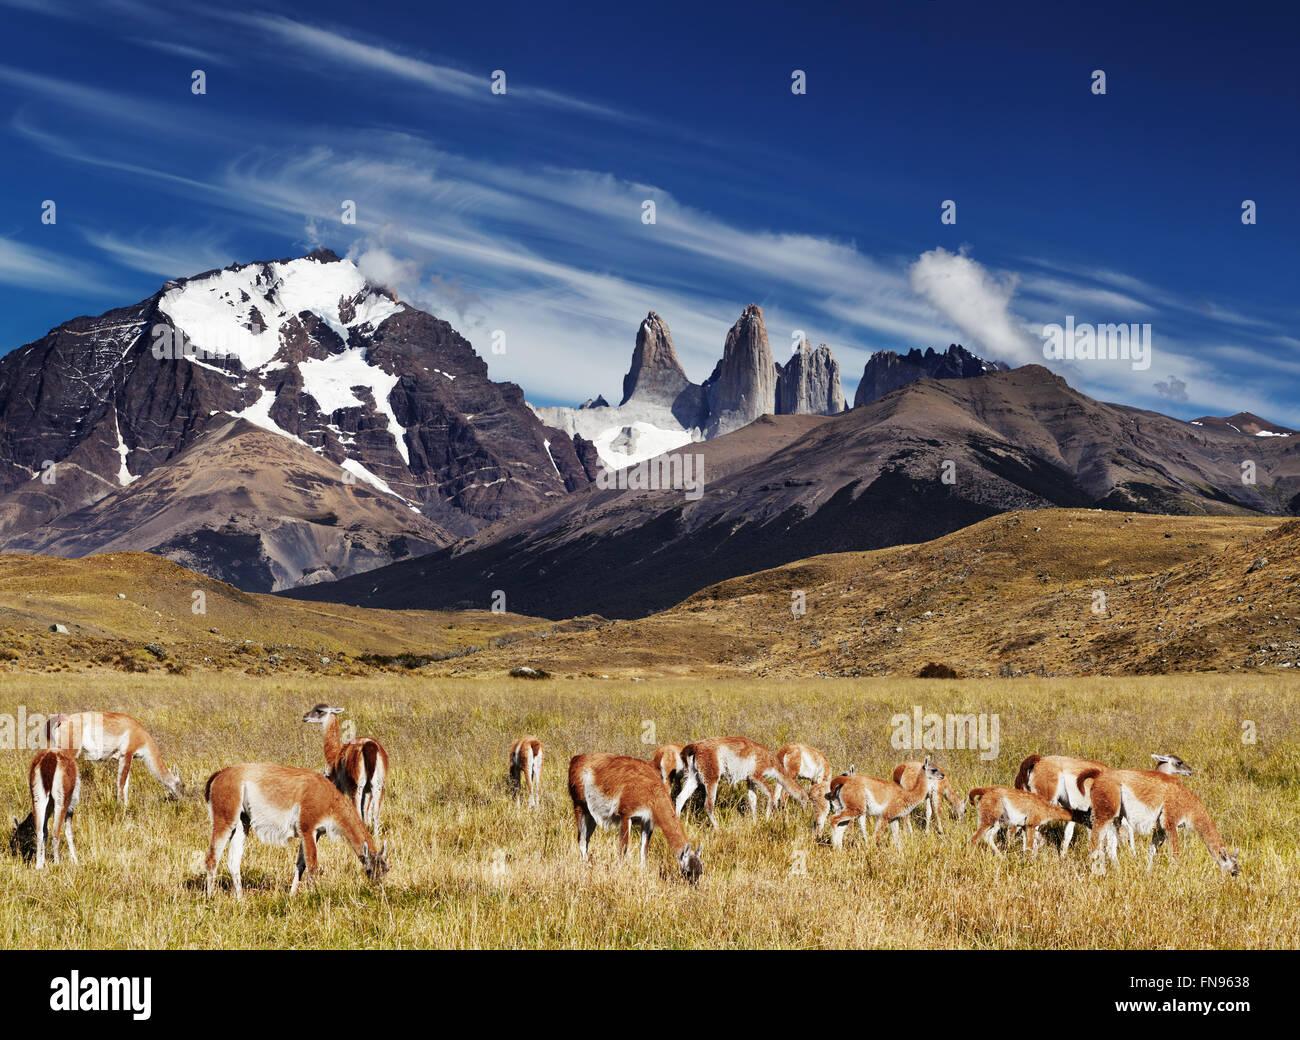 Herde von Guanako im Nationalpark Torres del Paine, Patagonien, Chile Stockbild